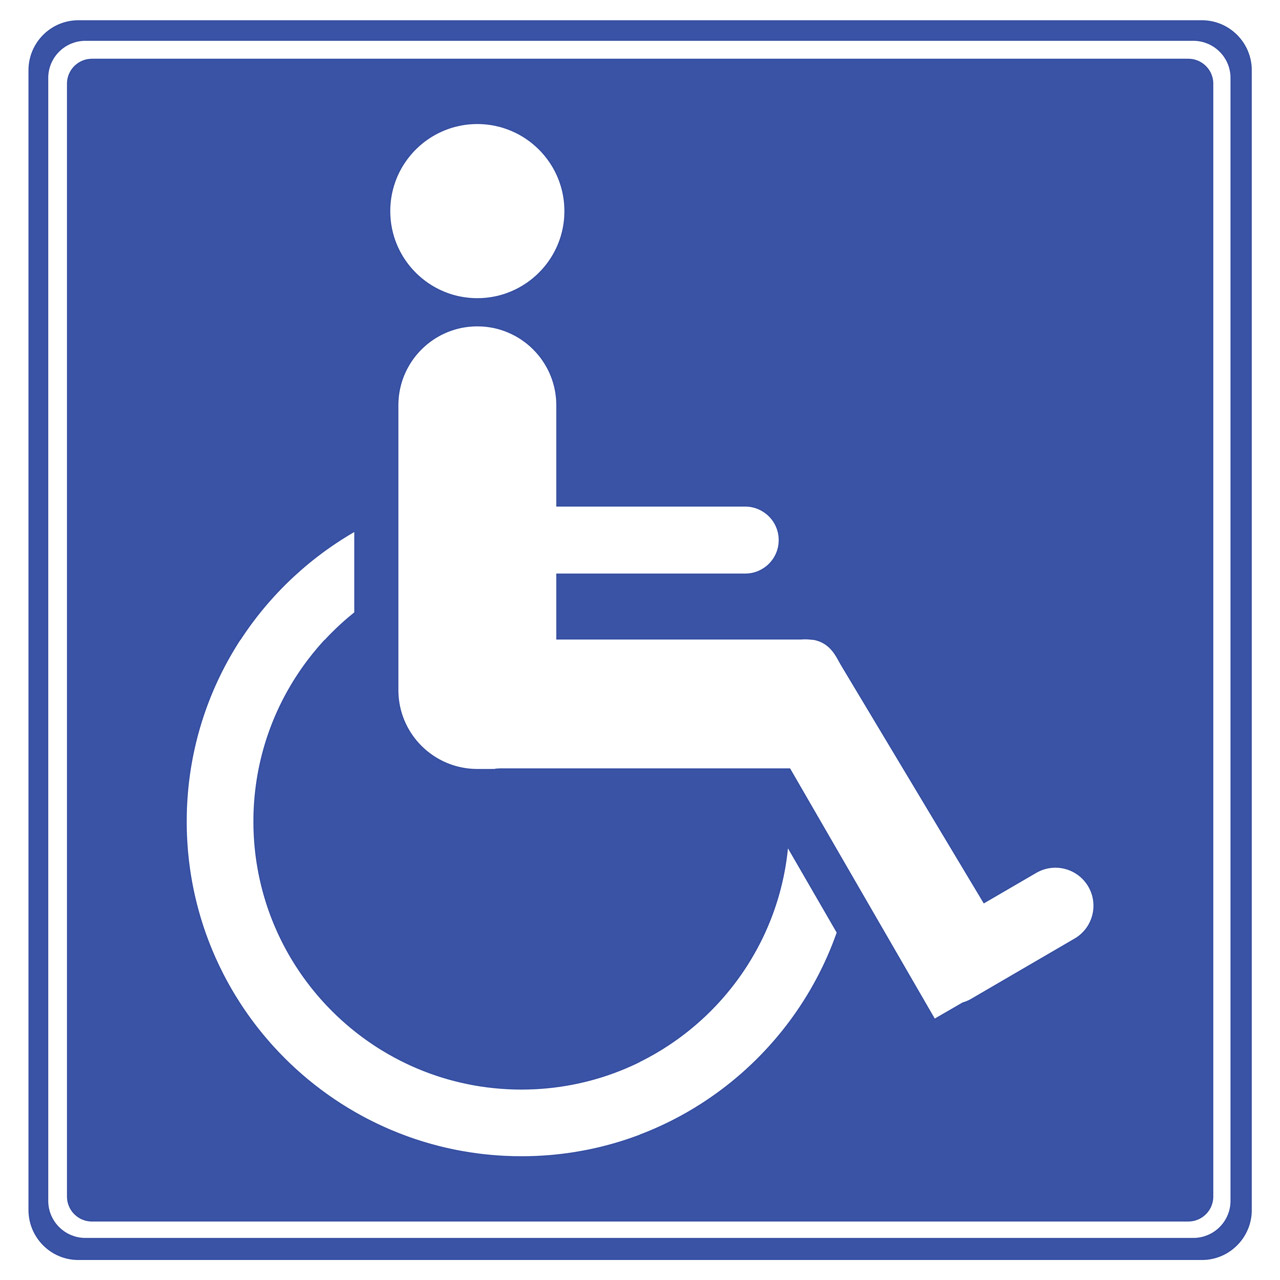 Benicarló se compromete con el Síndic a adaptar y mejorar la ordenanza de estacionamiento de vehículos de personas con discapacidad